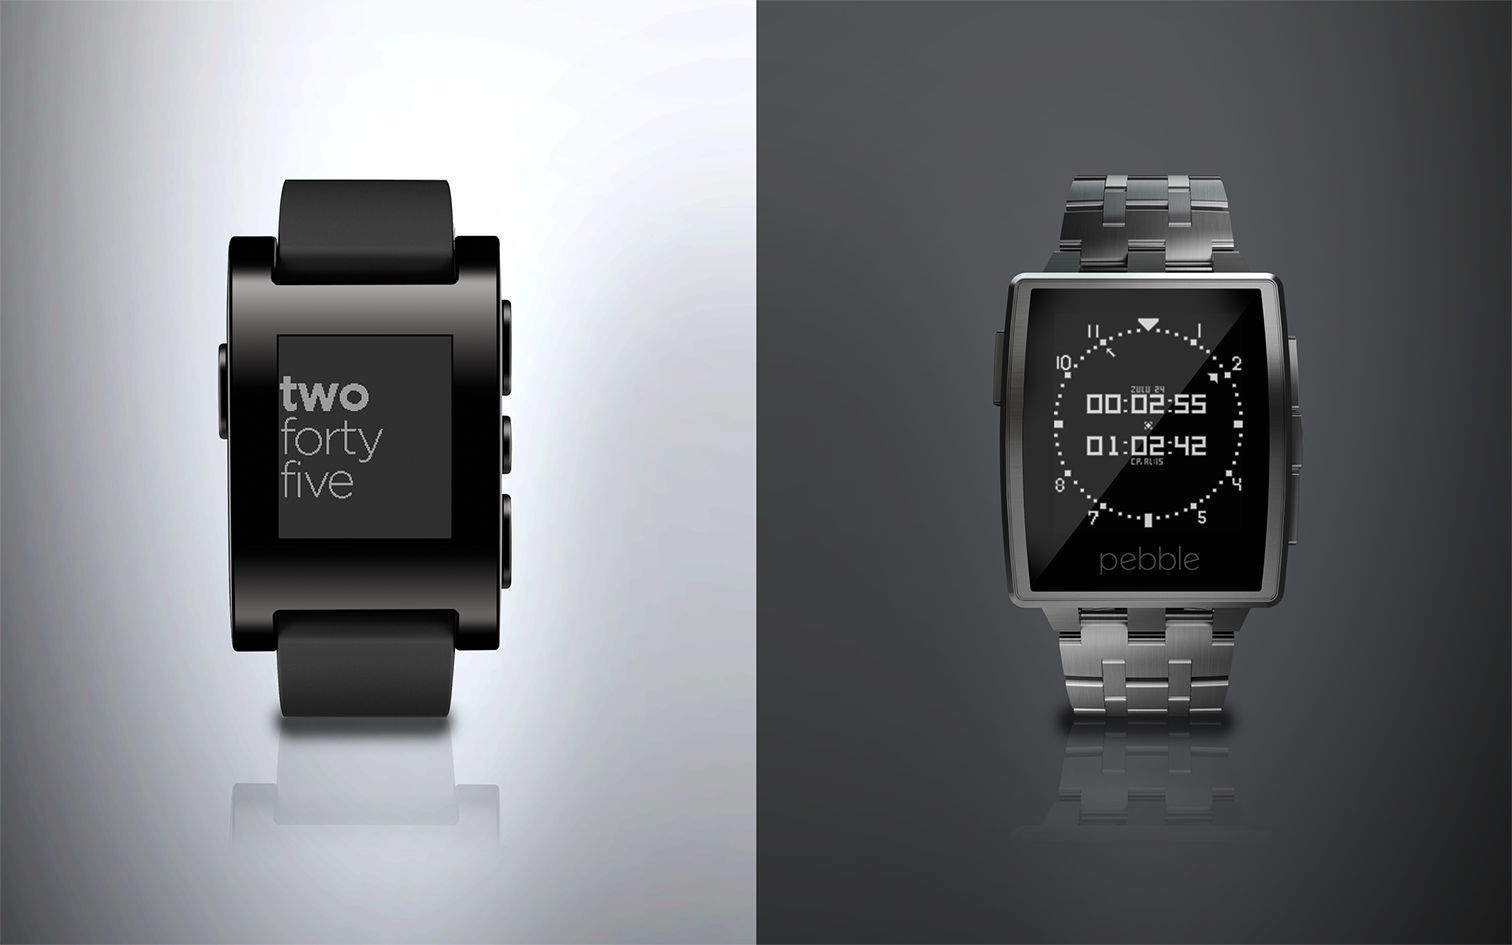 Pebble's smart watch and Pebble steel